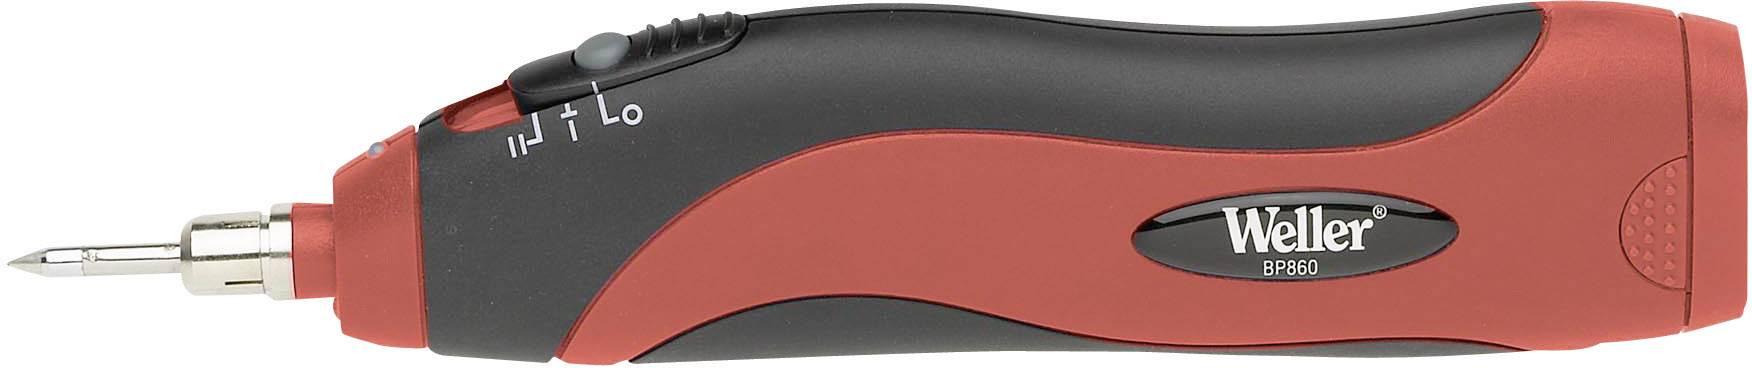 Bateriové pájecí pero Weller BP865CEU, 6 V, 6/8 W, pájecí hrot tužkový, dlátový, +450 až +510 °C